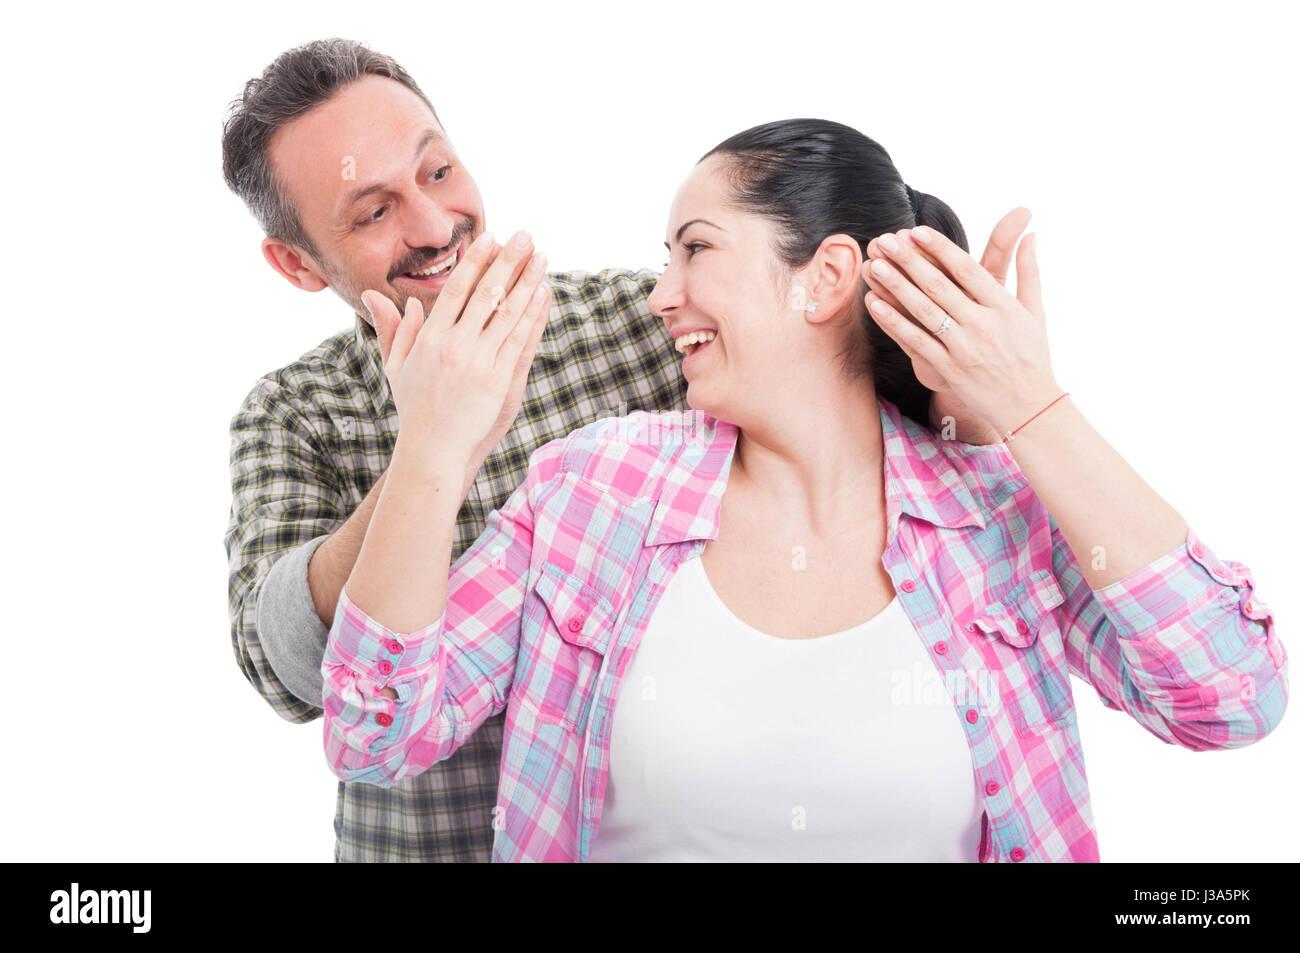 Homme étonnant sa belle petite amie de derrière isolé sur fond blanc Photo Stock